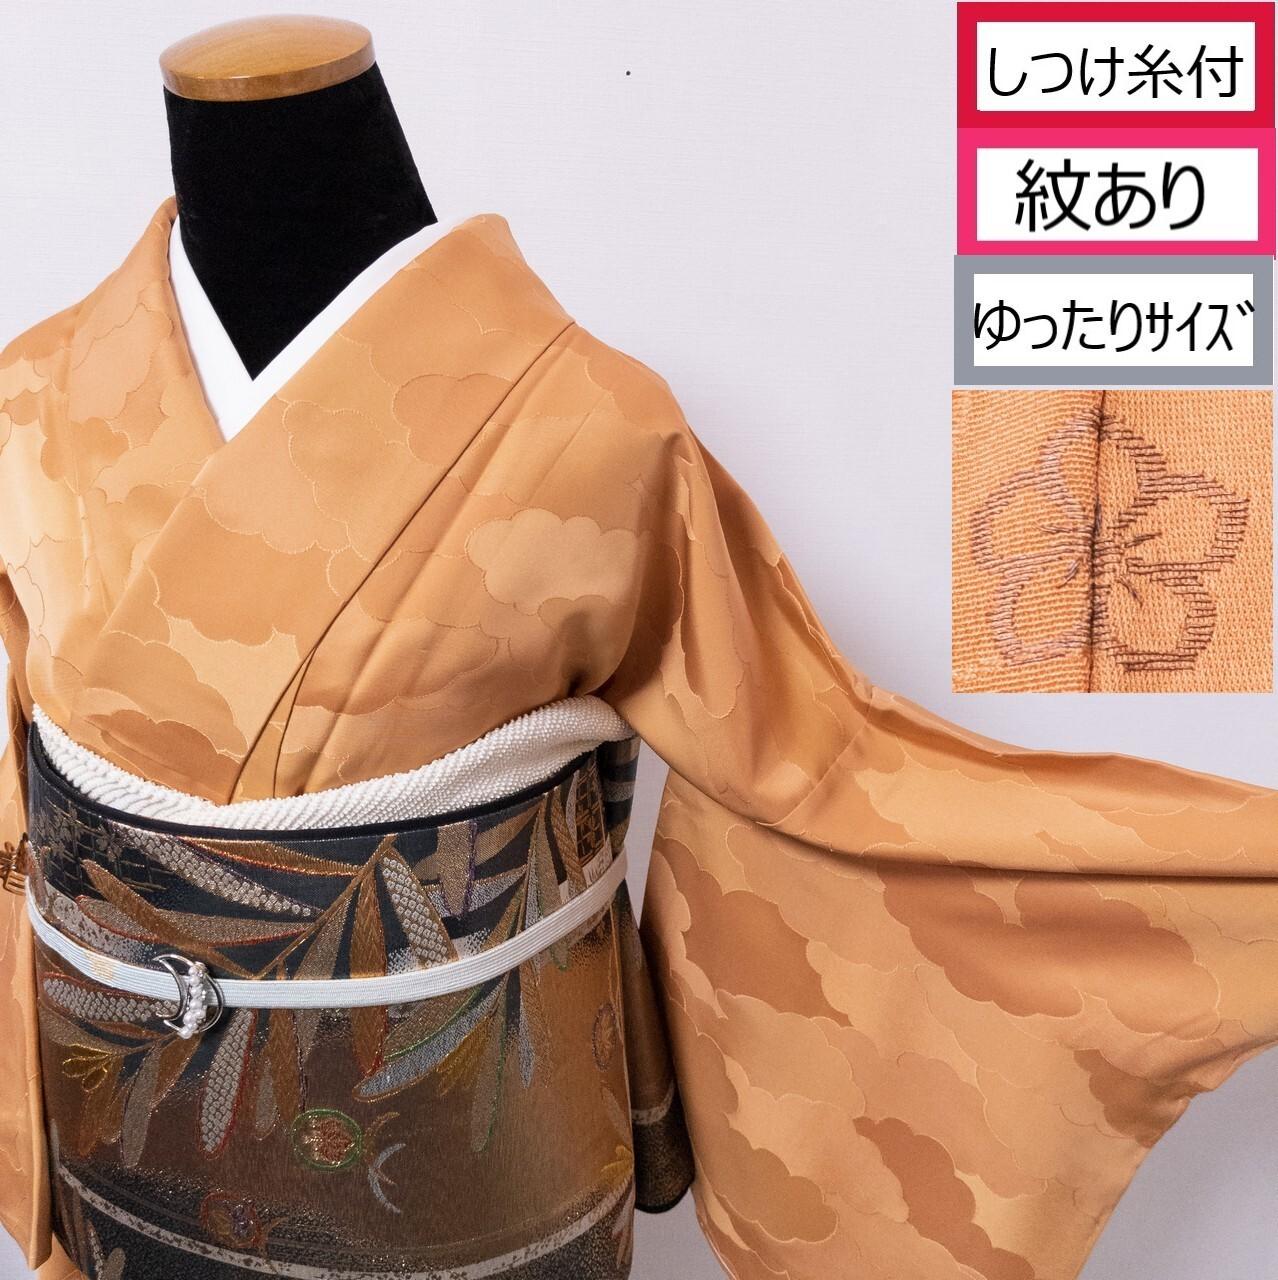 【しつけ糸付】刺繍一つ紋 雲形文織出し 渋いぺールオレンジ 前幅ゆったり 丈163裄66.5